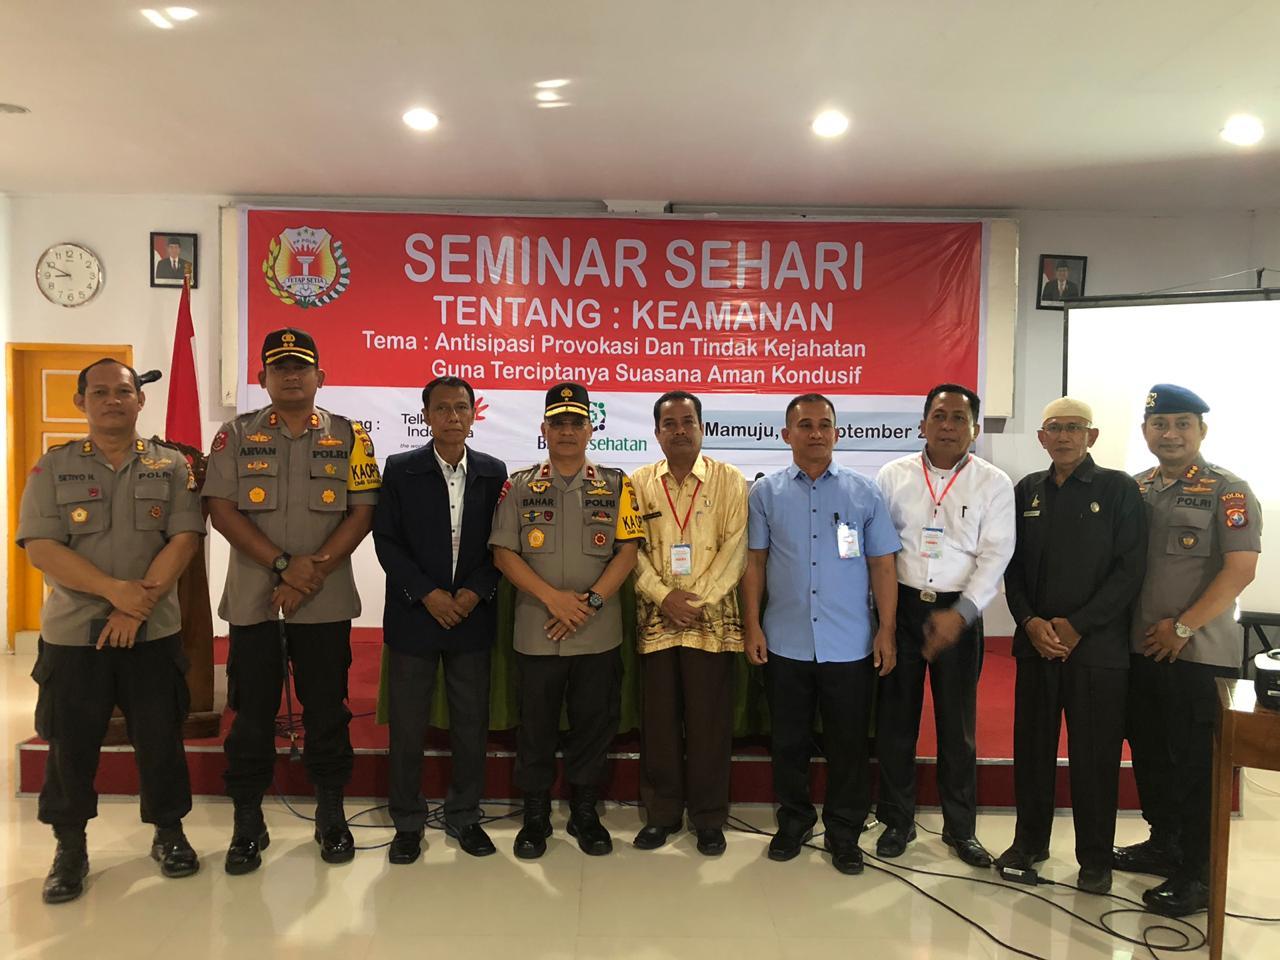 Kapolda Sulbar Subar Hadiri Seminar Sehari di Aula Stie Muhammadiyah. Polda Sulbar - Peran Polri dalam